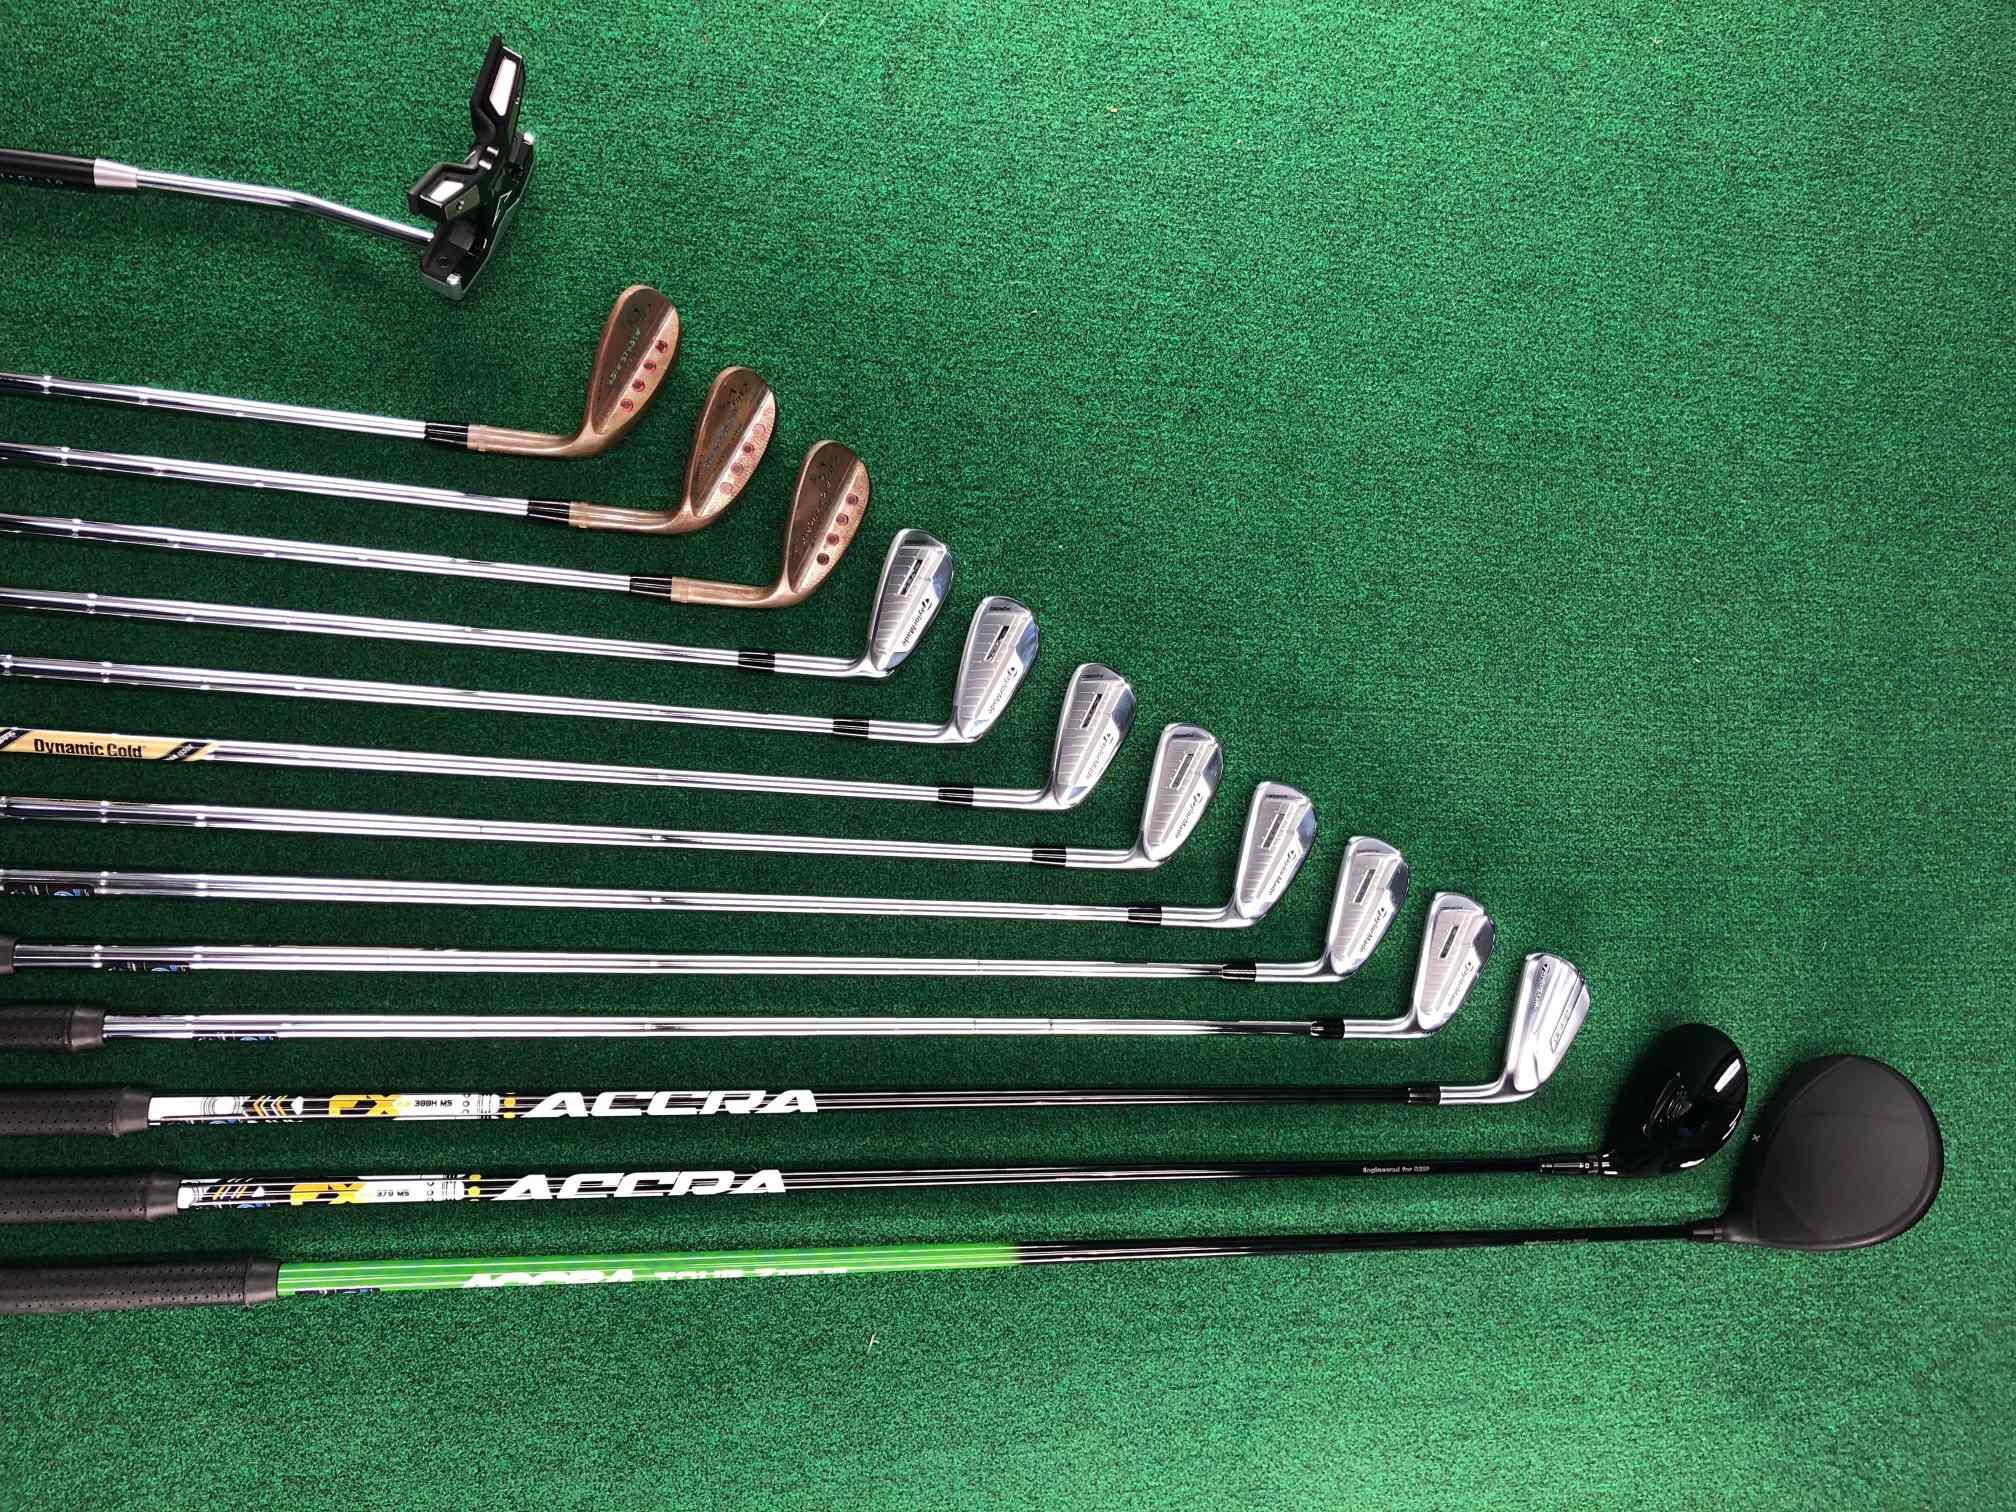 Josh Stewart golf set